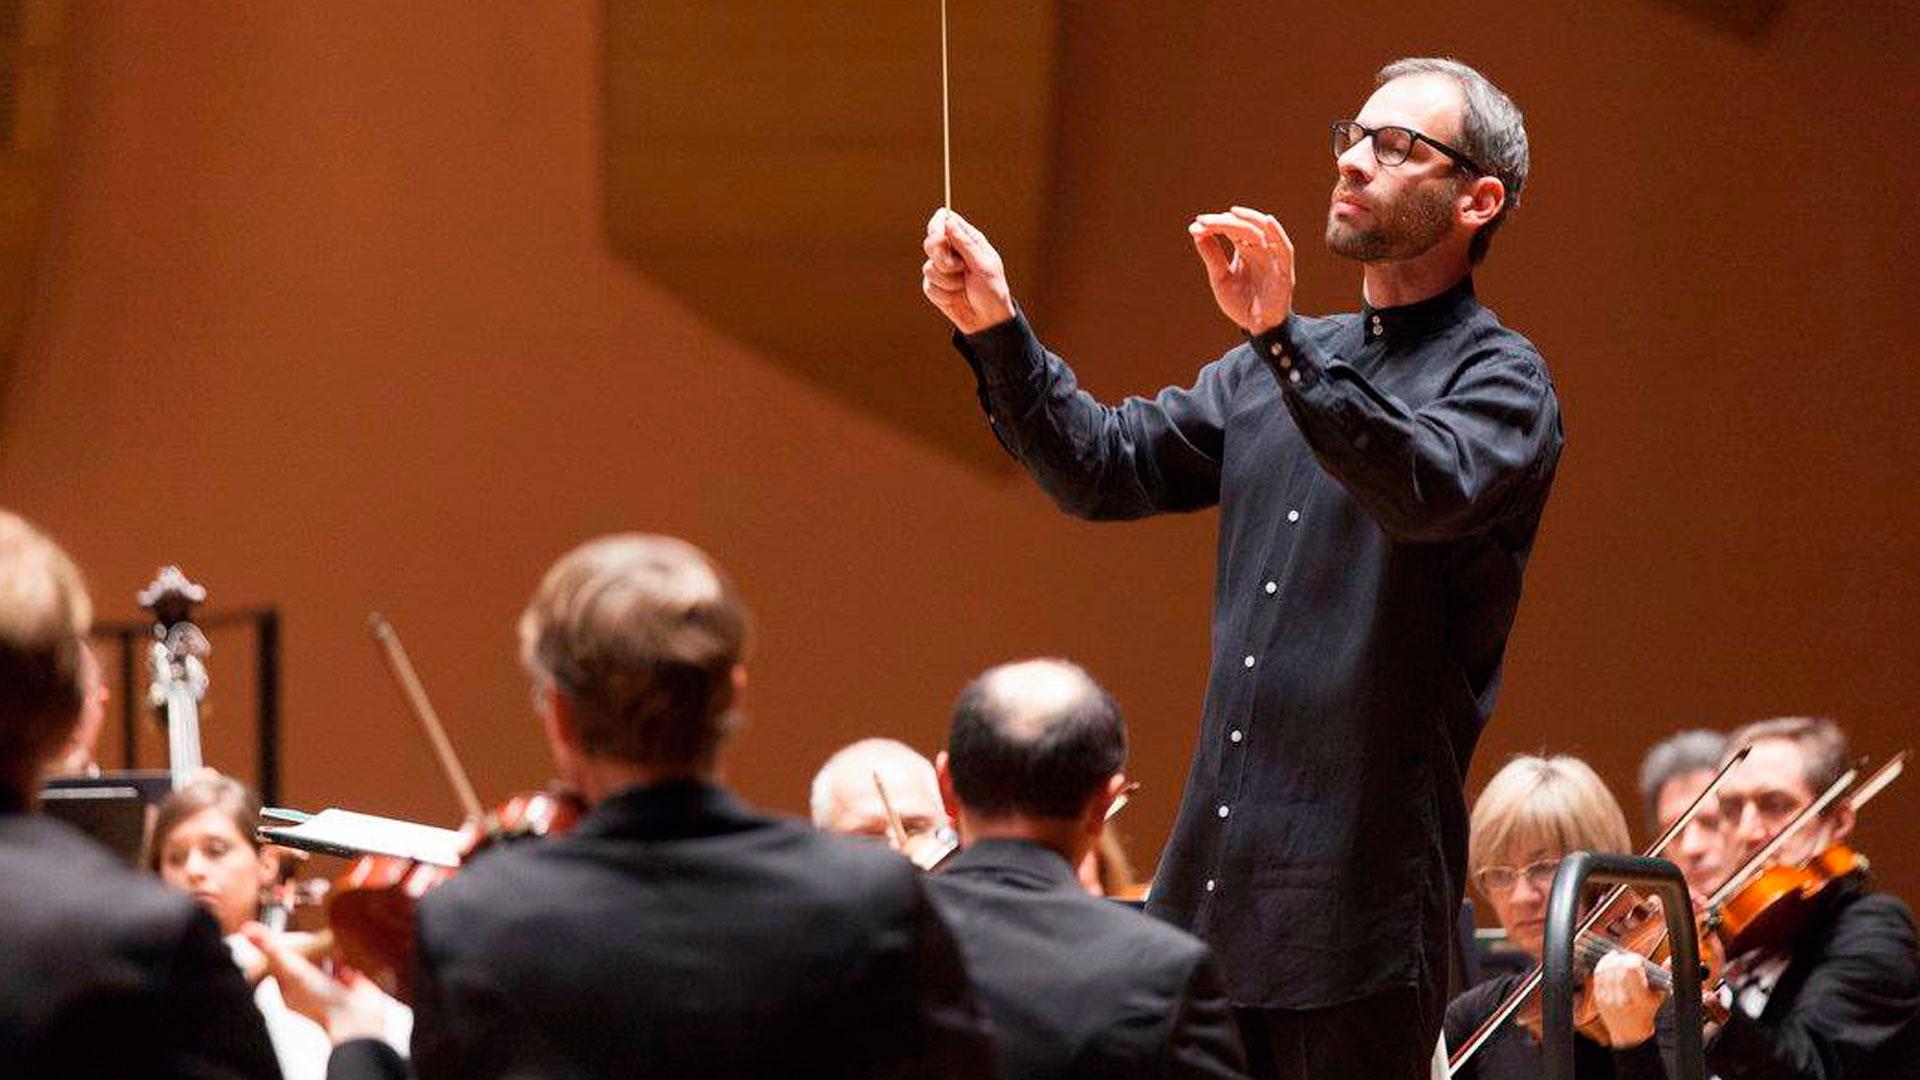 La OSG regresa al Auditorio Nacional de Madrid para ofrecer su primer concierto en la emblemática sala bajo la dirección de Slobodeniouk